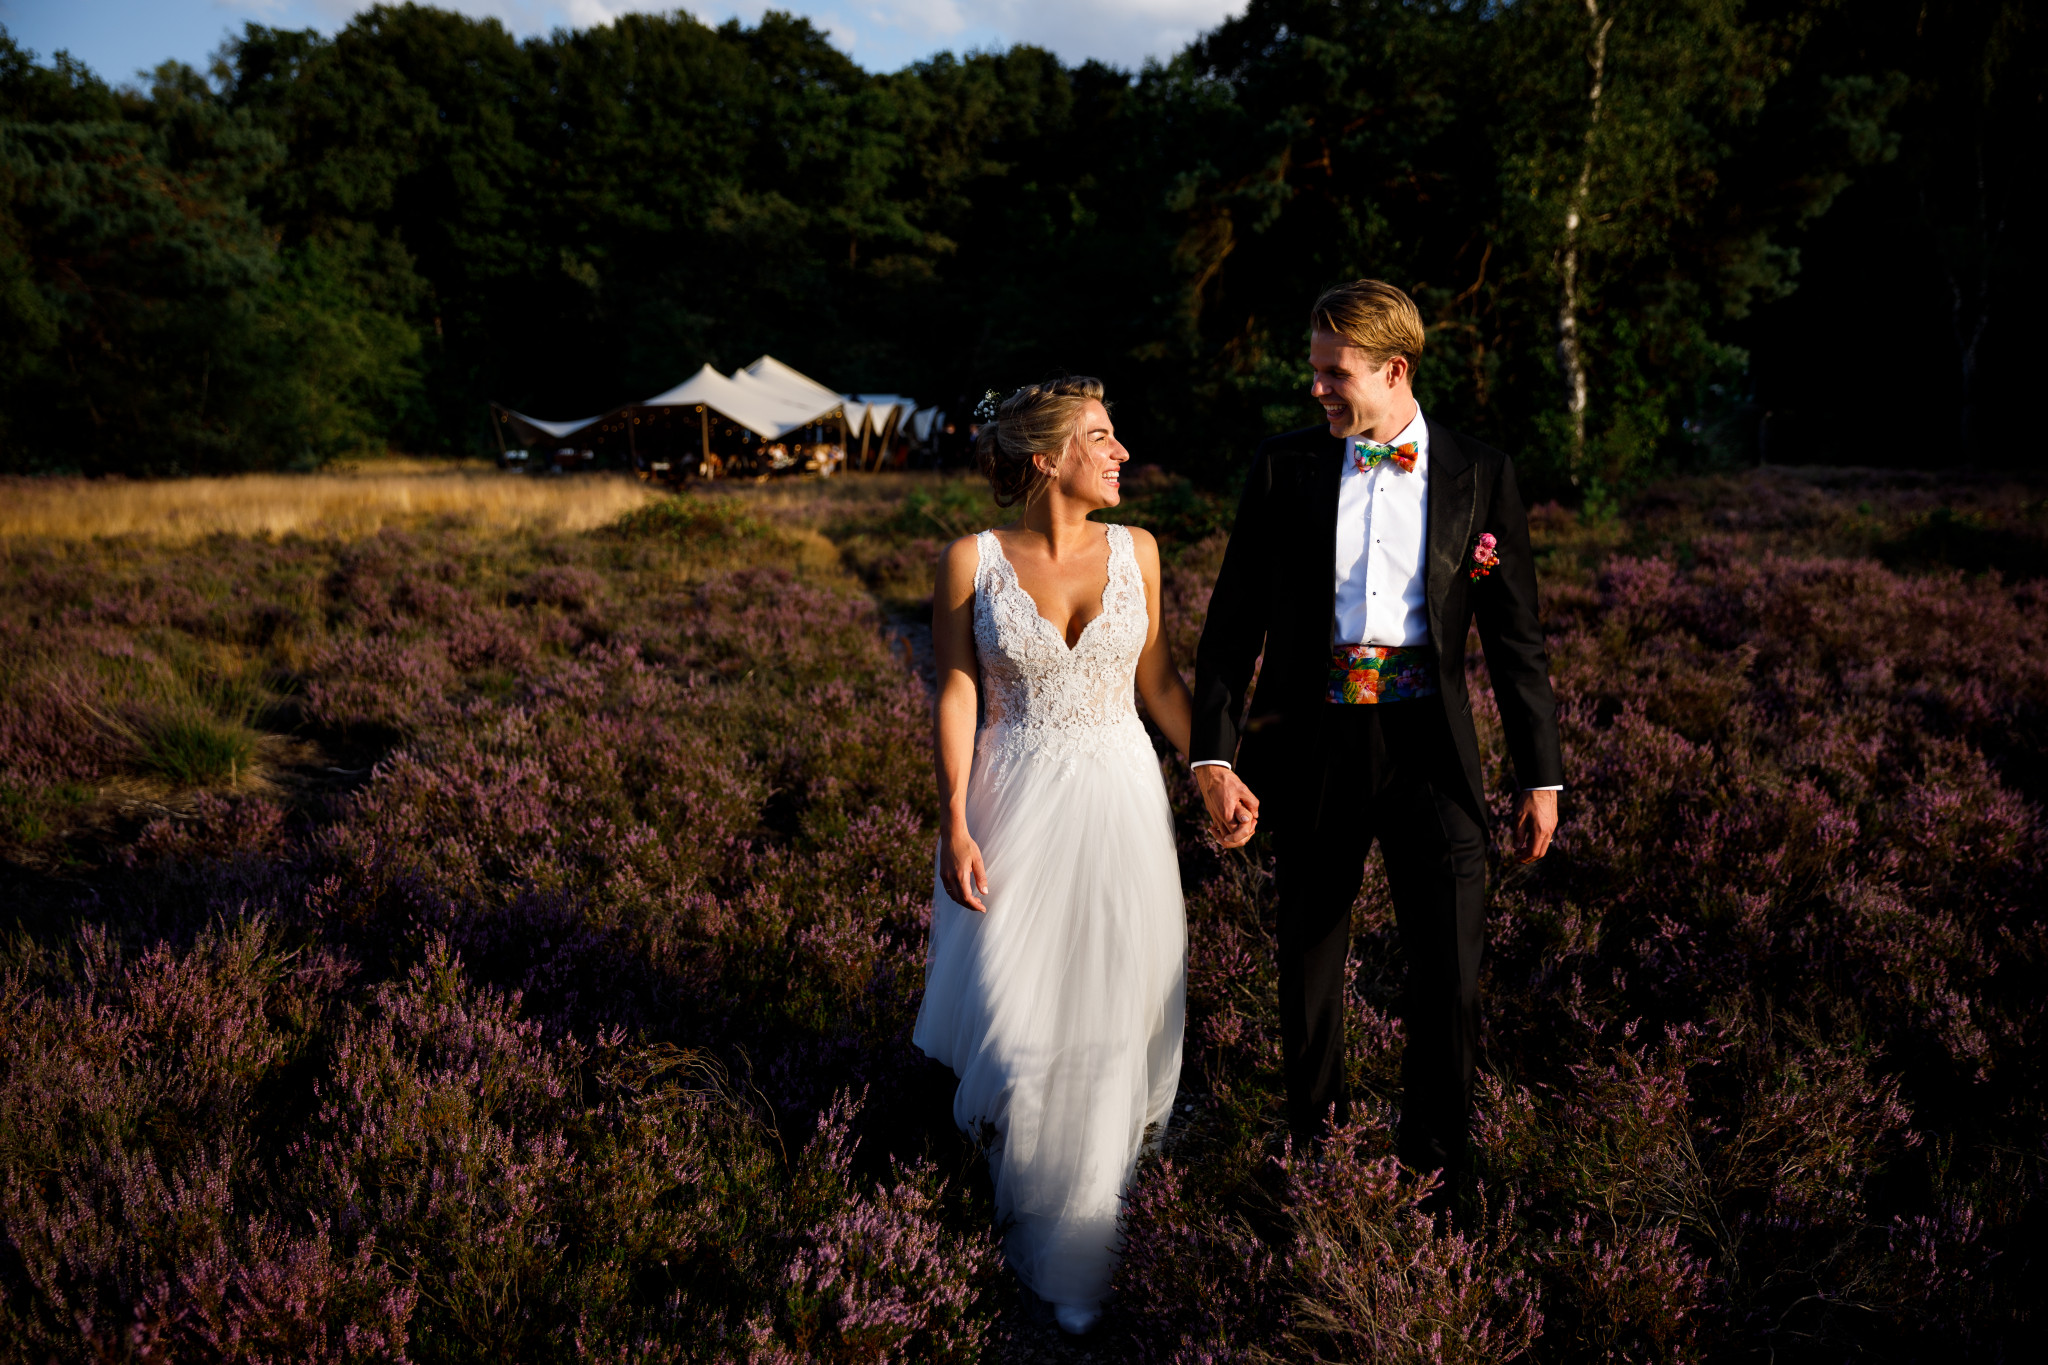 Buiten trouwen   Trouwen op de heide   Golden hour   Bruiloft stretchtent